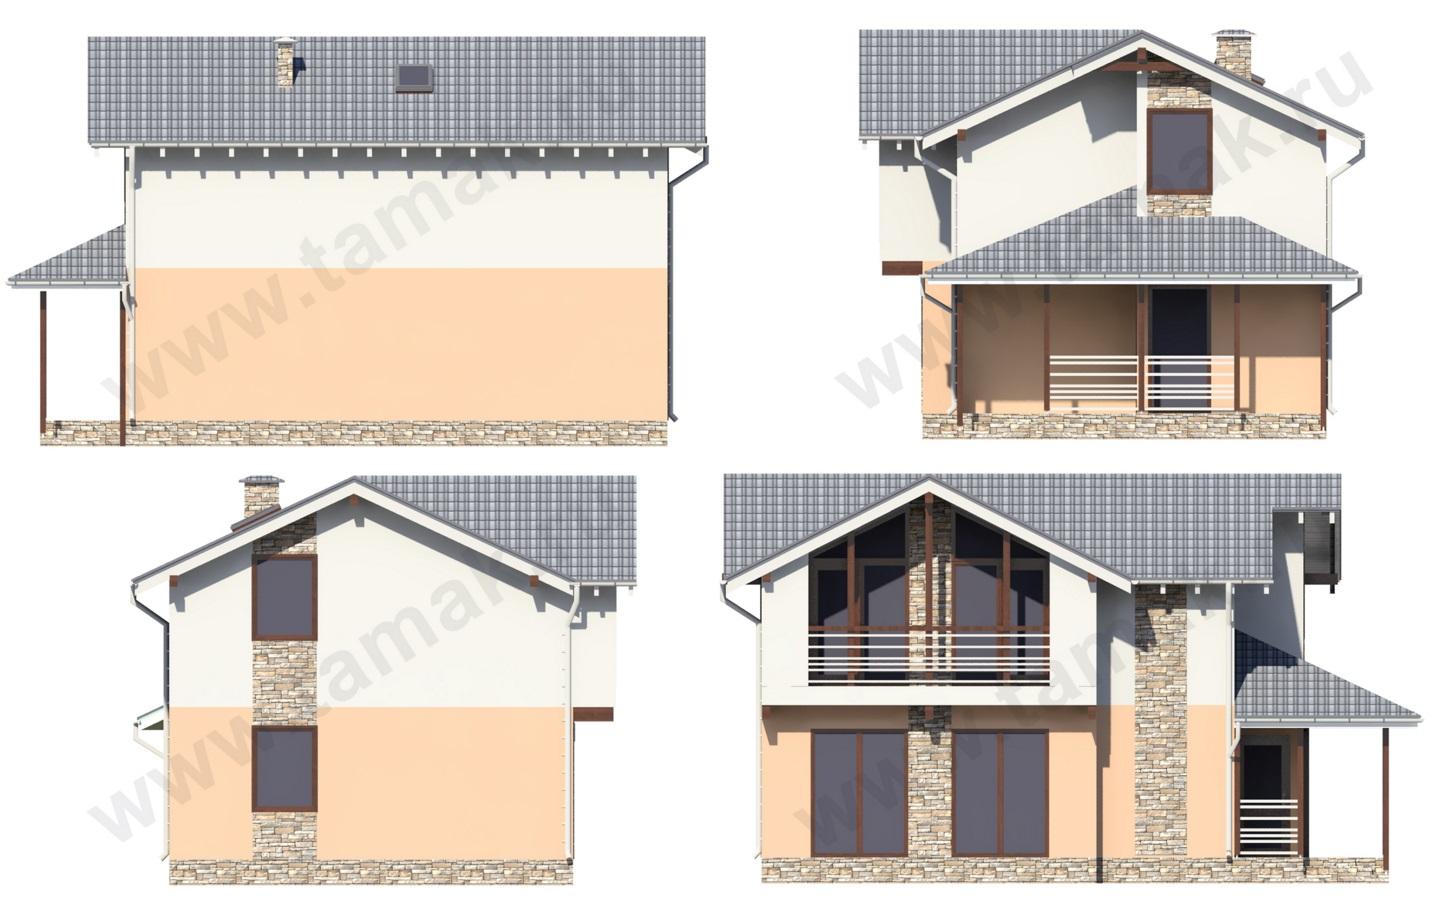 проект дома 7 на 11 фасады